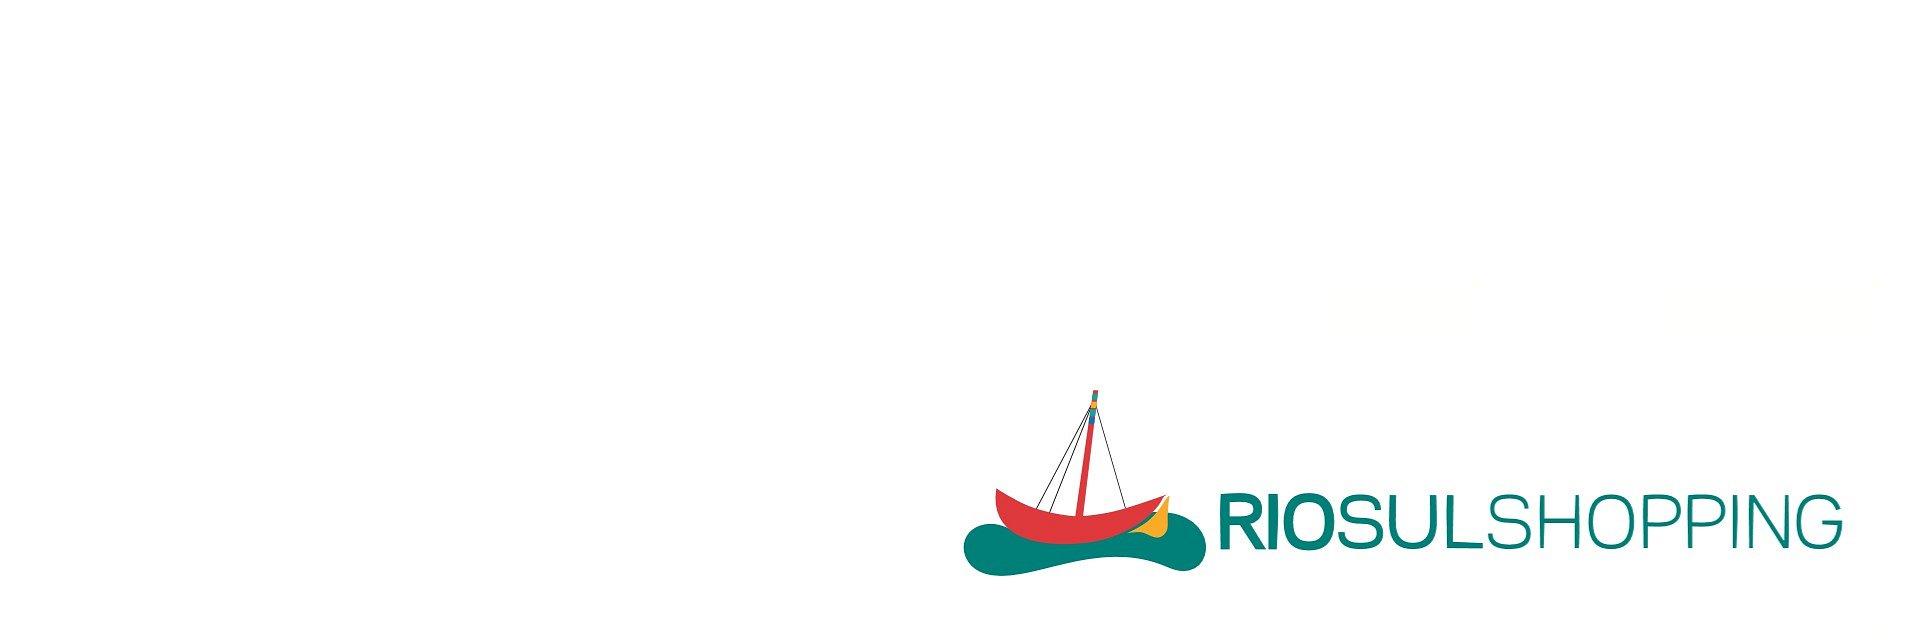 RioSul Shopping recebe sessões de cinema infantil gratuito